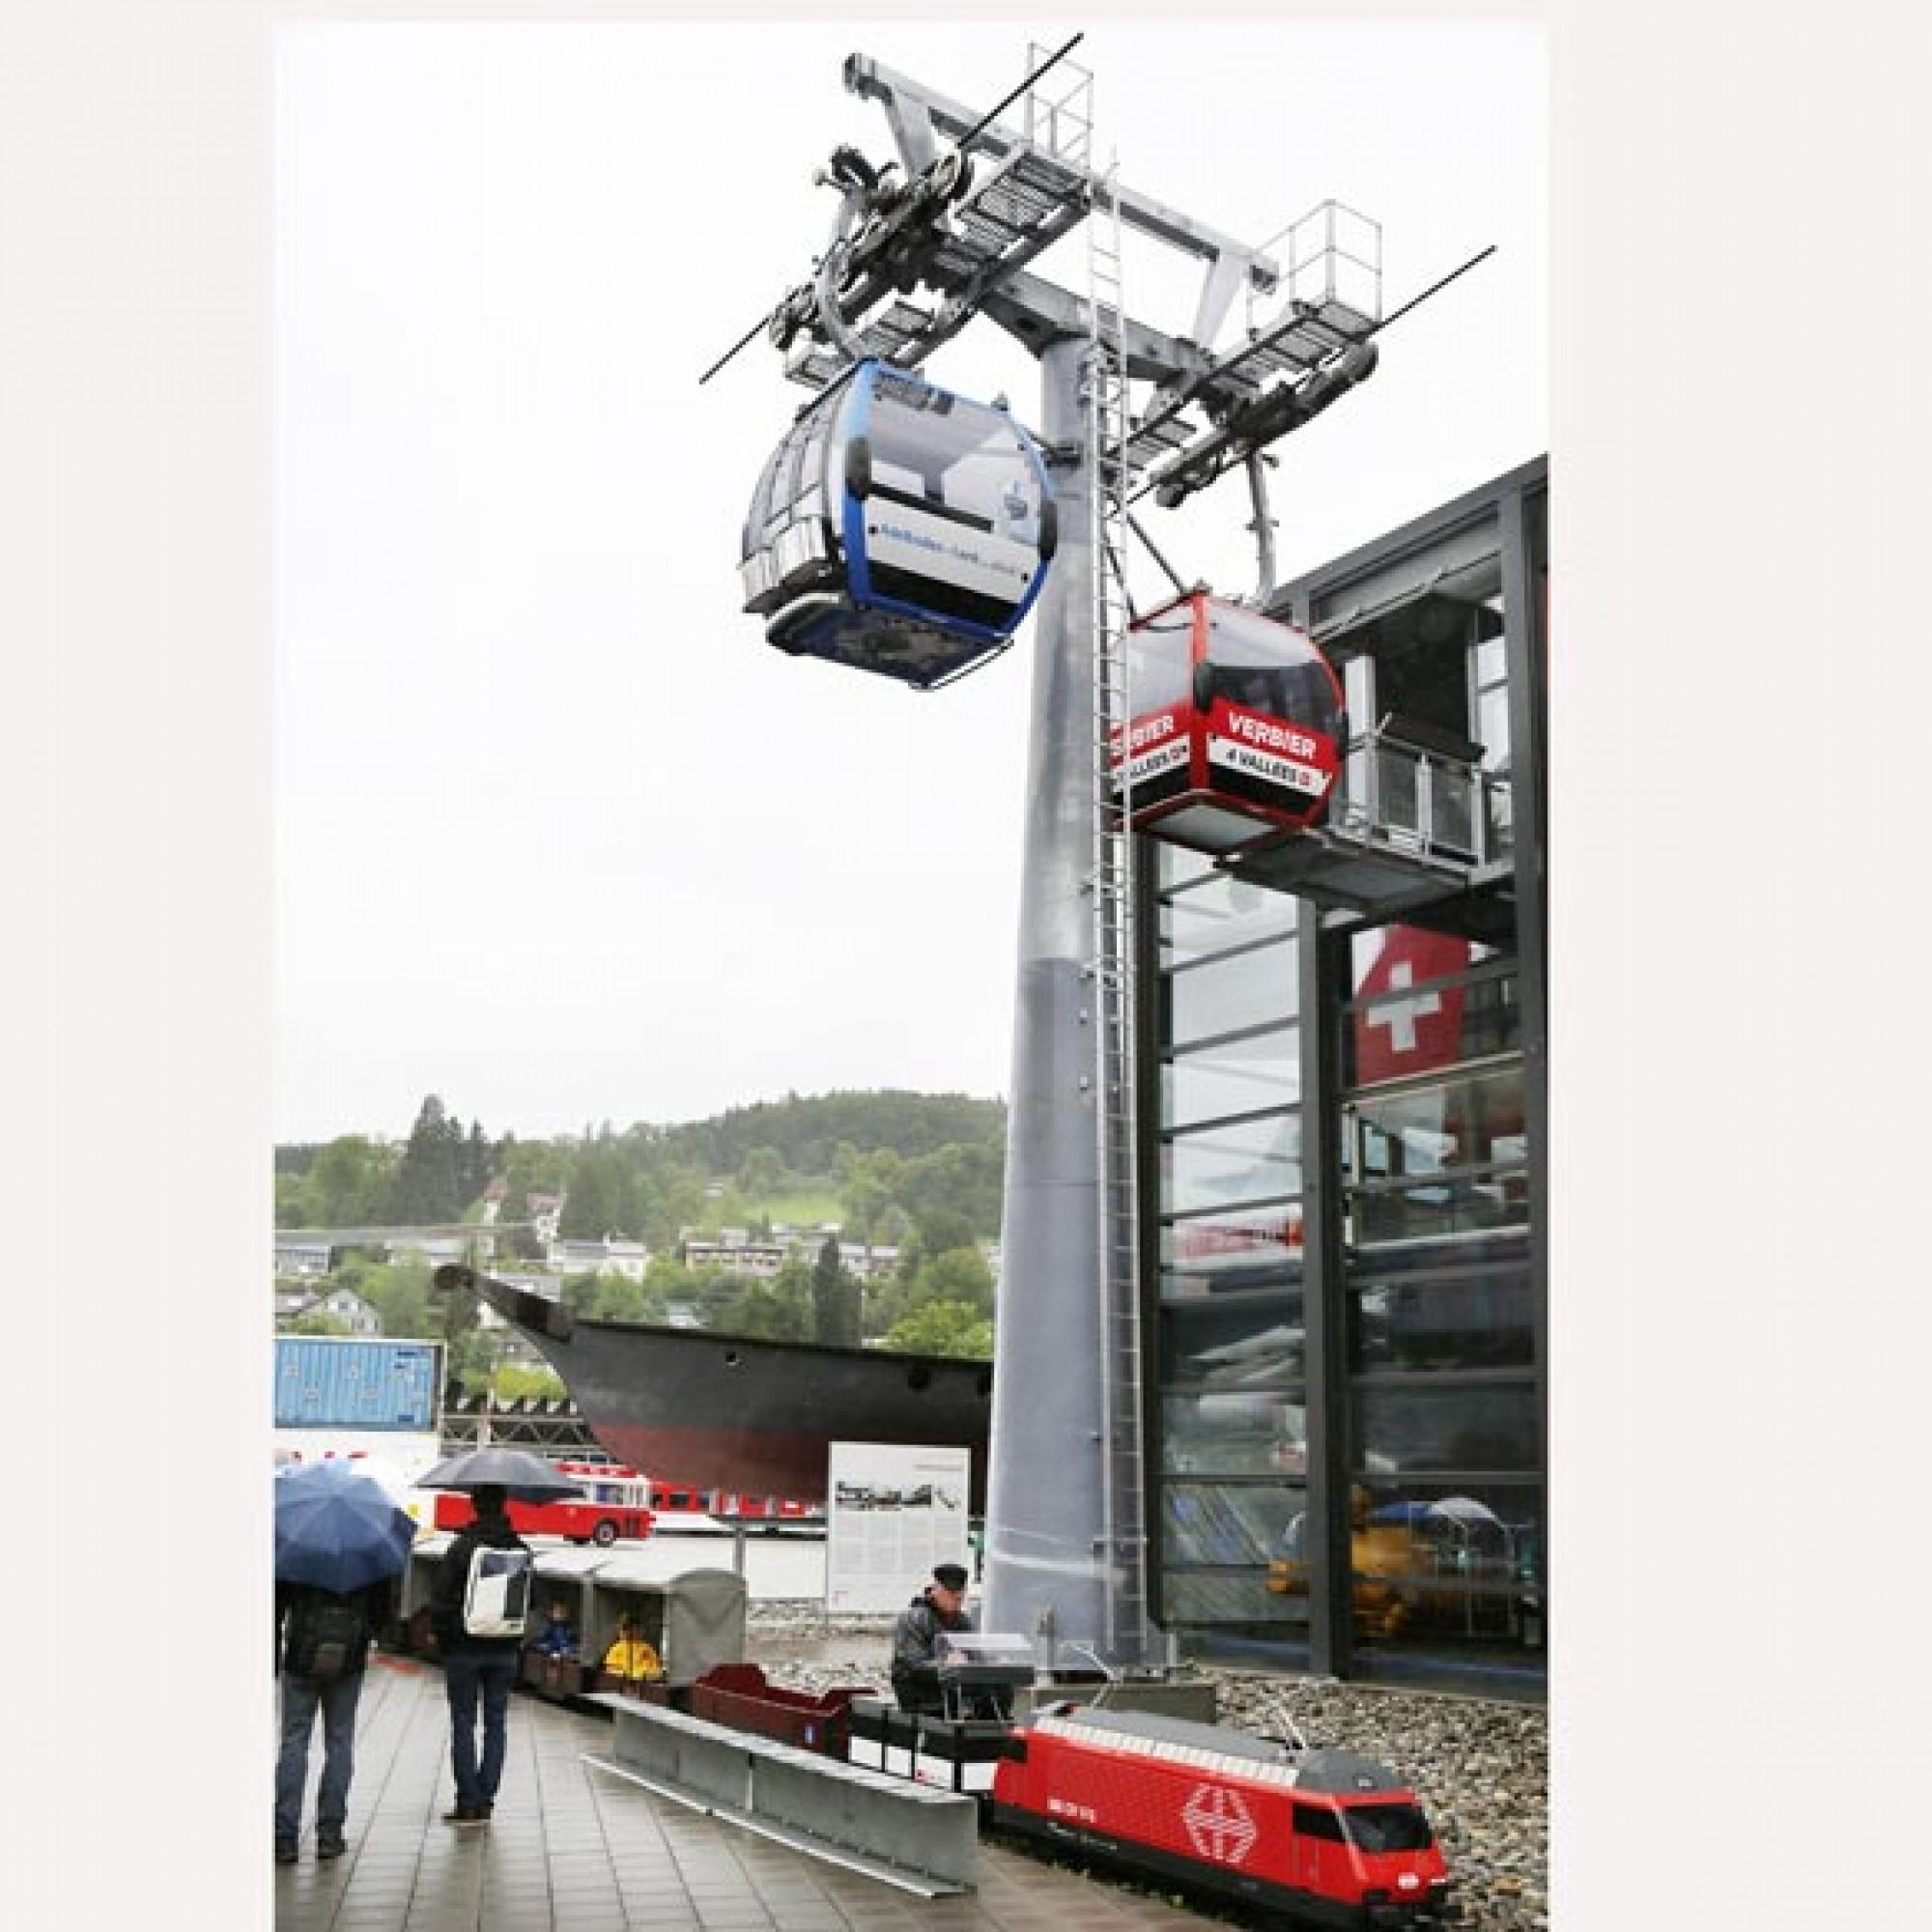 Vor der Halle Seilbahnen und Tourismus steht ein Original-Seilbahnmast mit zwei  Gondeln. (Foto: Verkehrshaus der Schweiz/Christen)